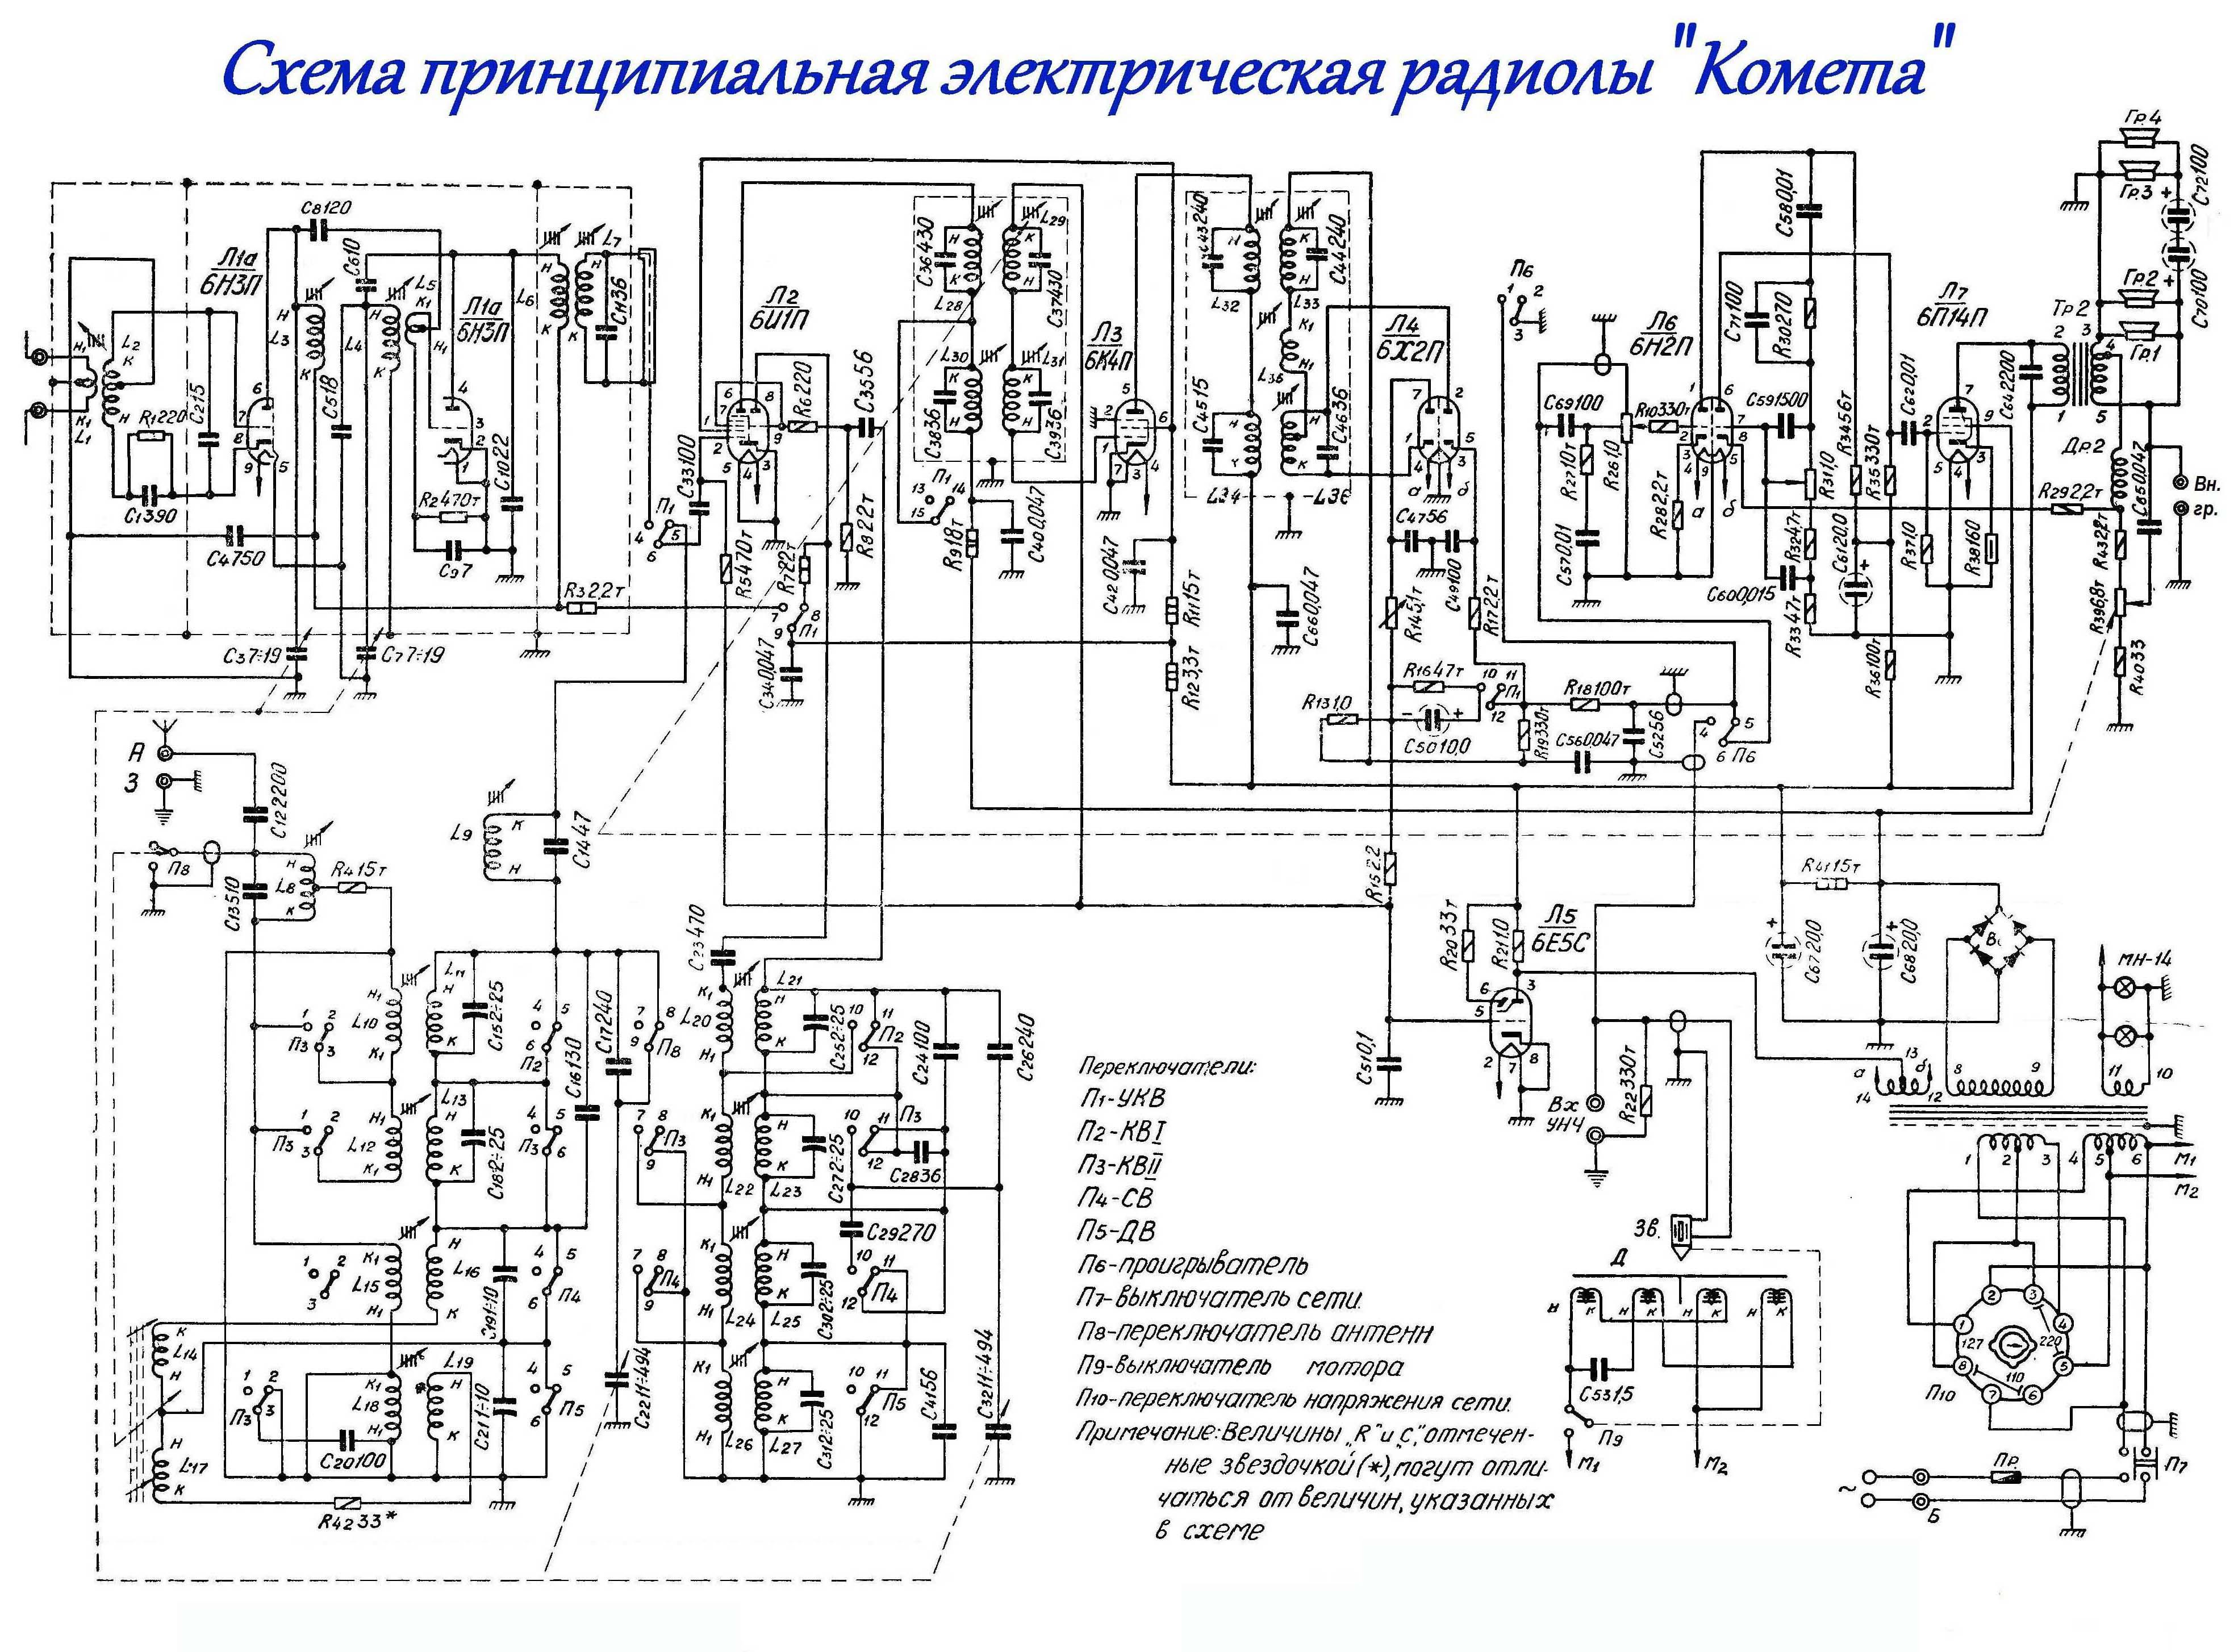 Принципиальная схема магнитофона комета 212 1